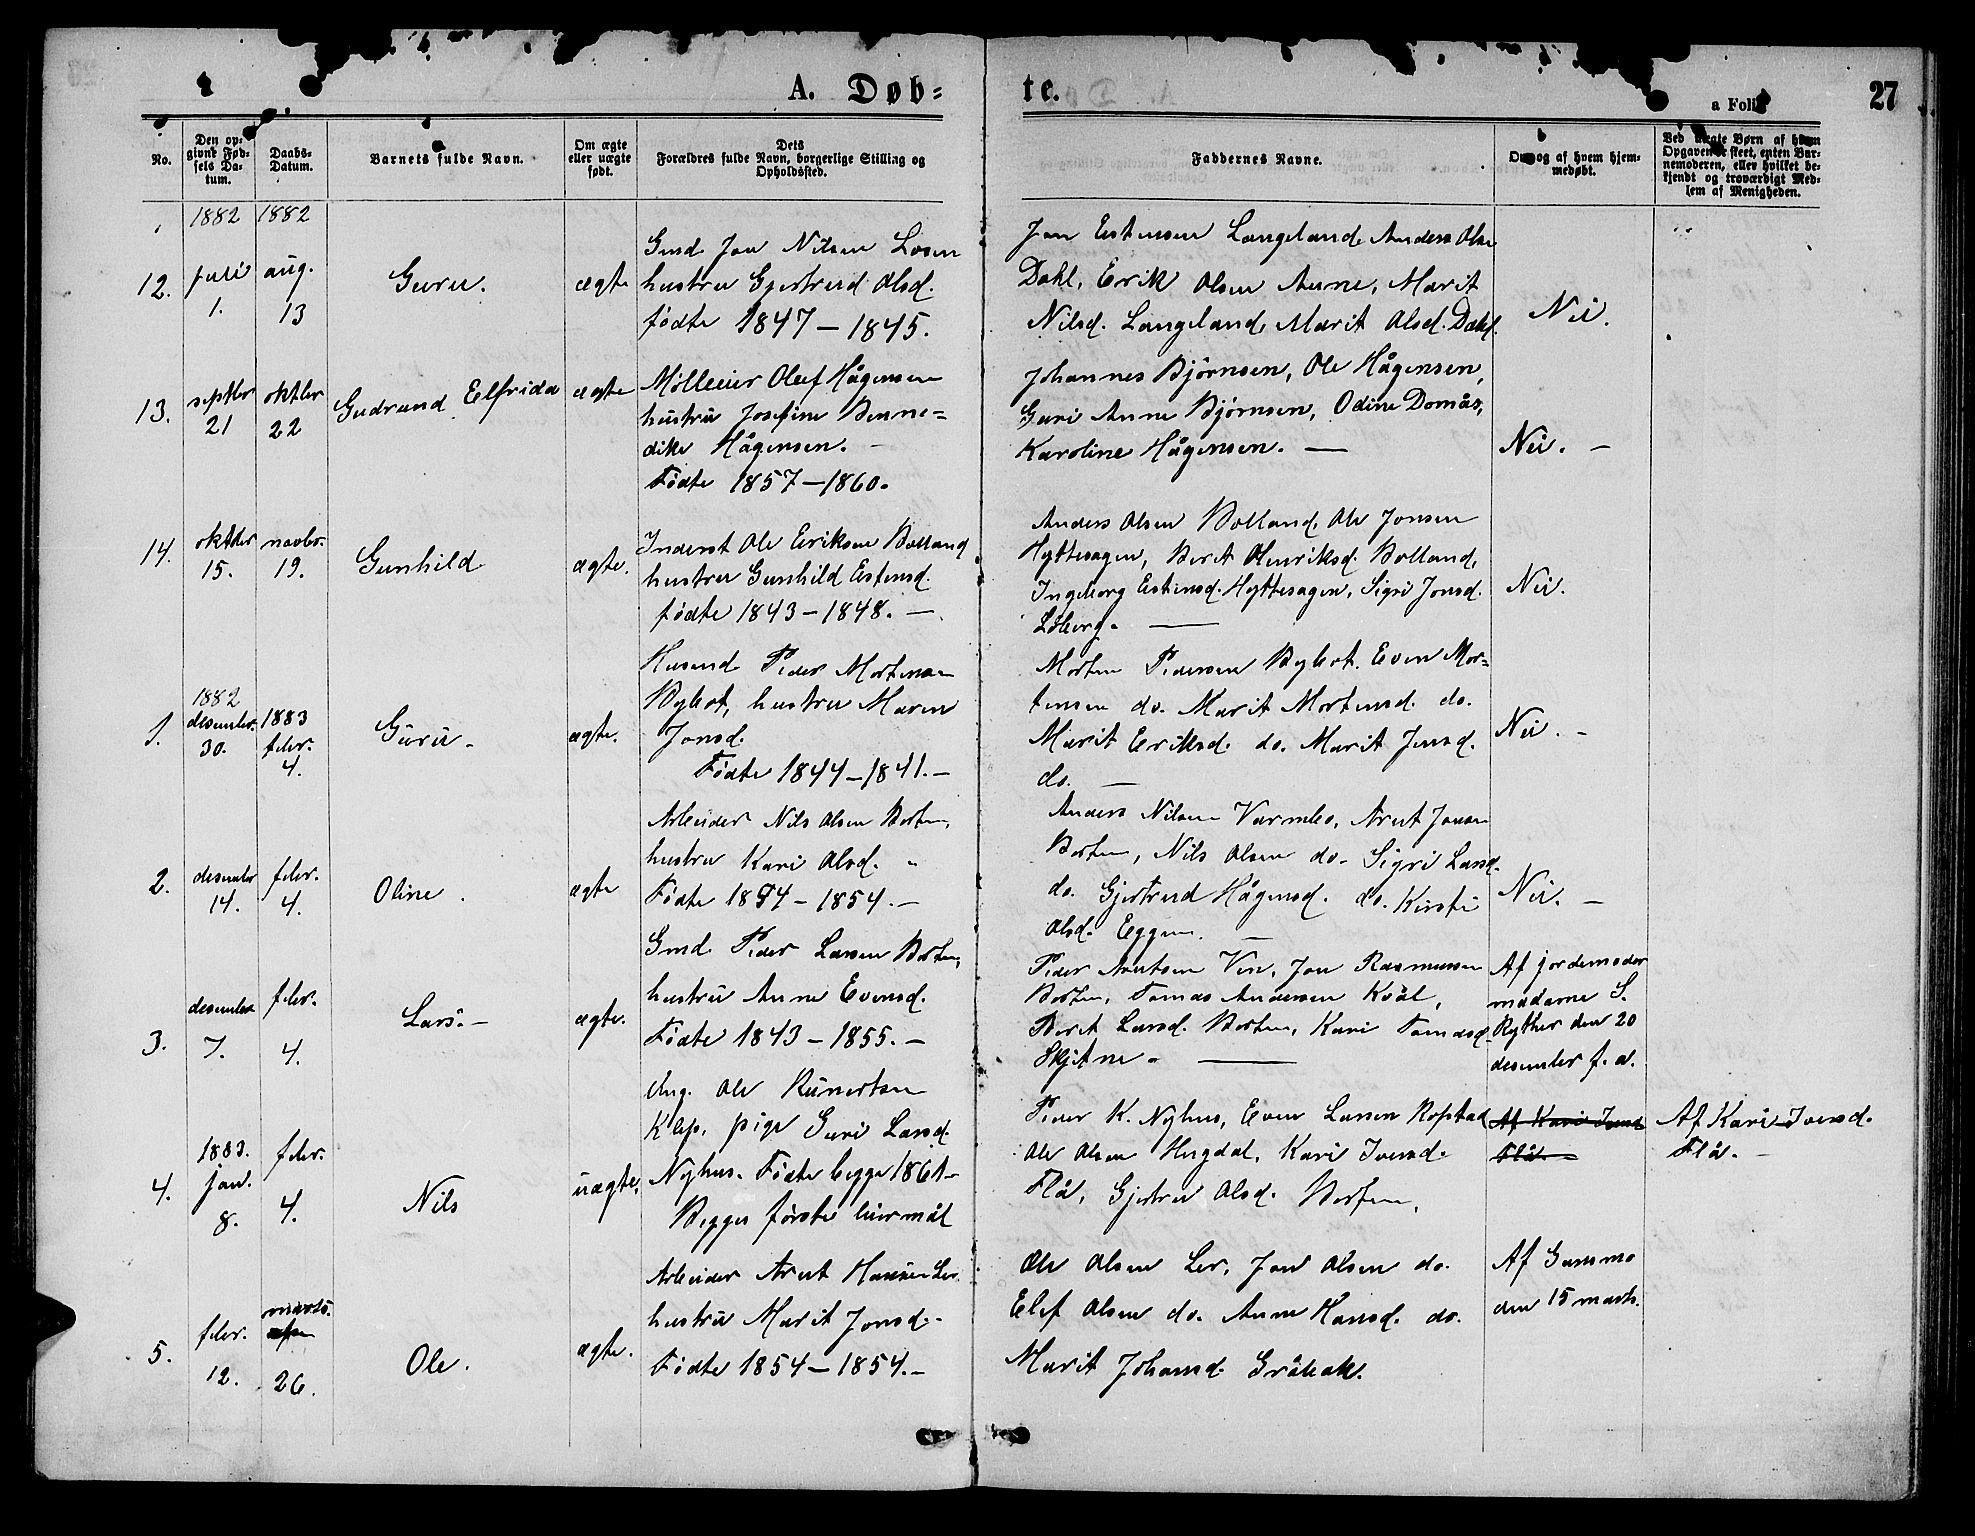 SAT, Ministerialprotokoller, klokkerbøker og fødselsregistre - Sør-Trøndelag, 693/L1122: Klokkerbok nr. 693C03, 1870-1886, s. 27